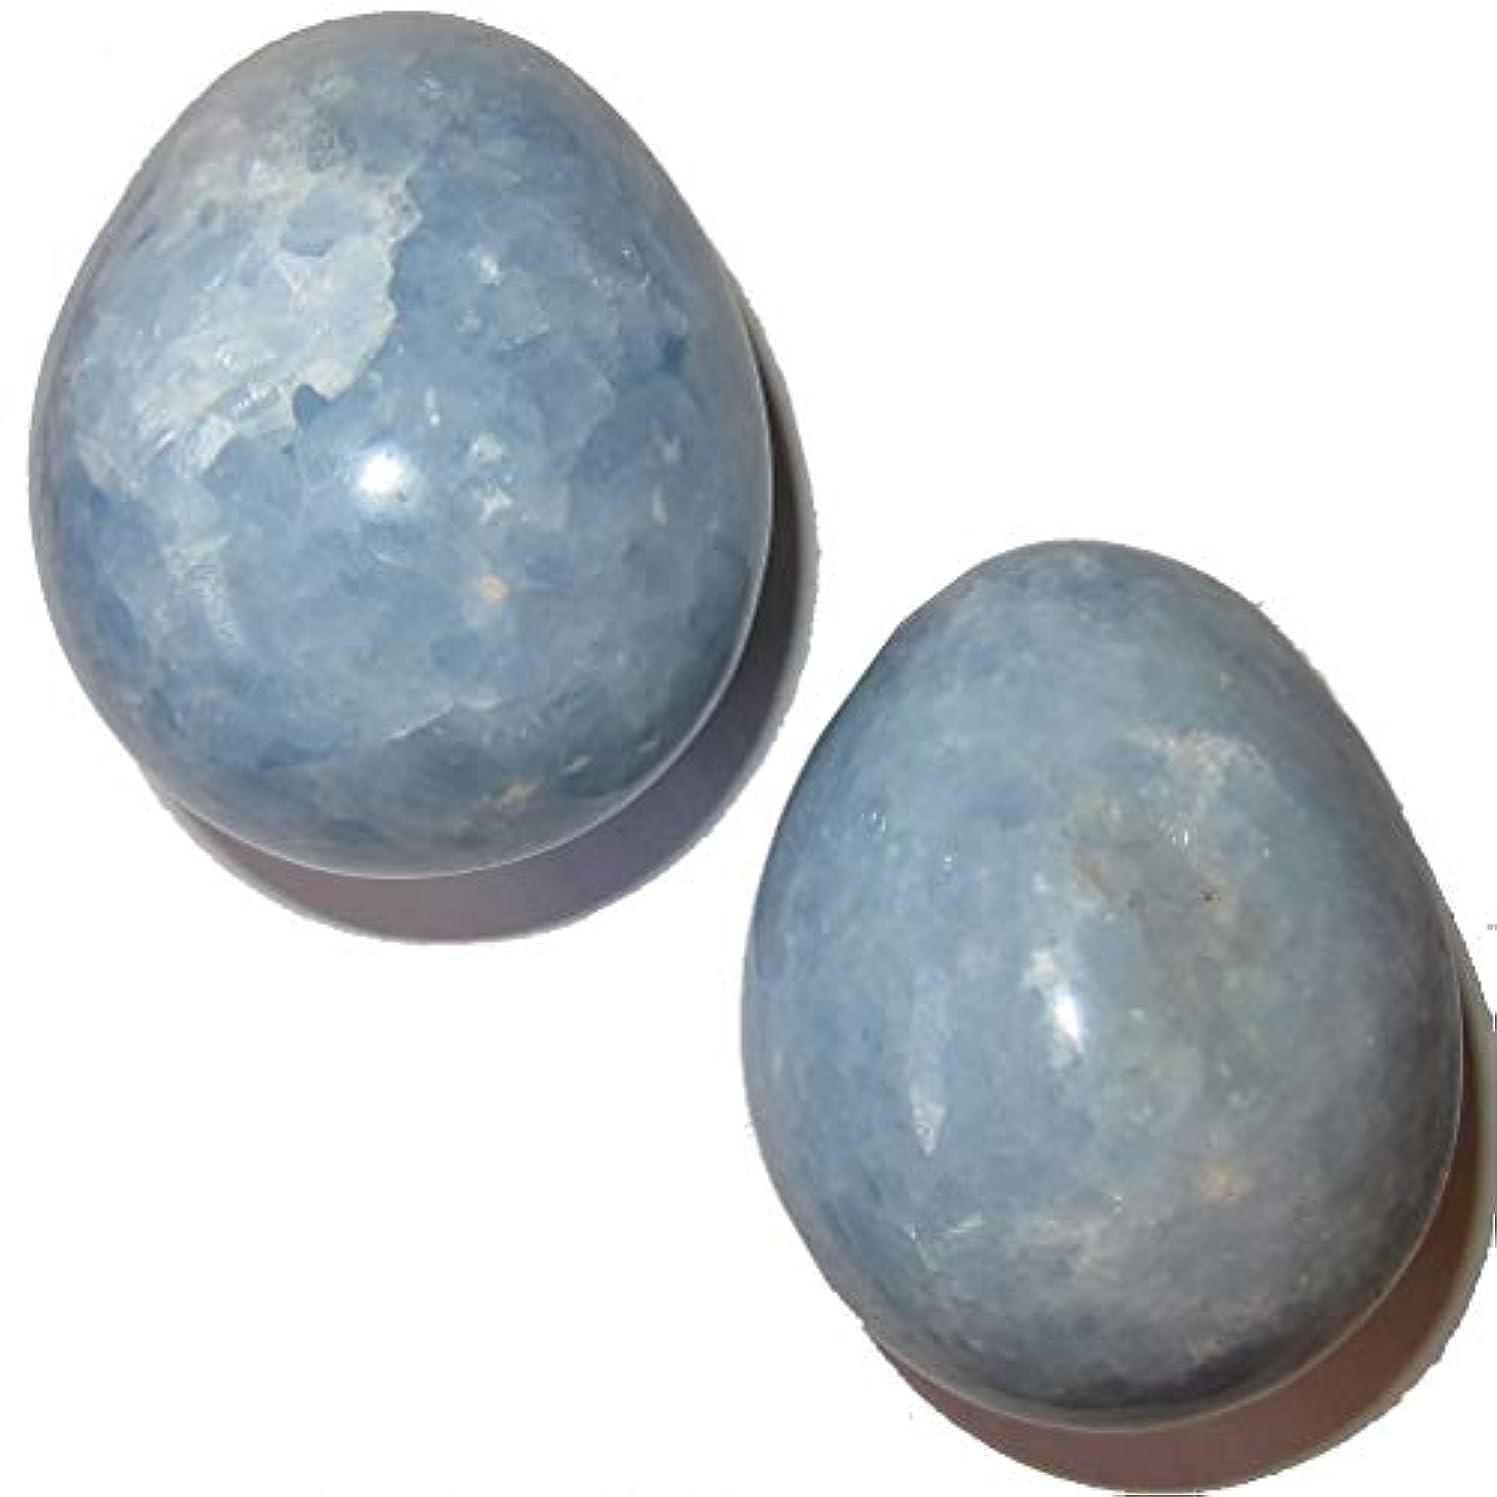 電卓失効支援するCalcite Eggブルー50天体クリスタルHealing Stone Holy Divination Prayer Gemstone 2.3